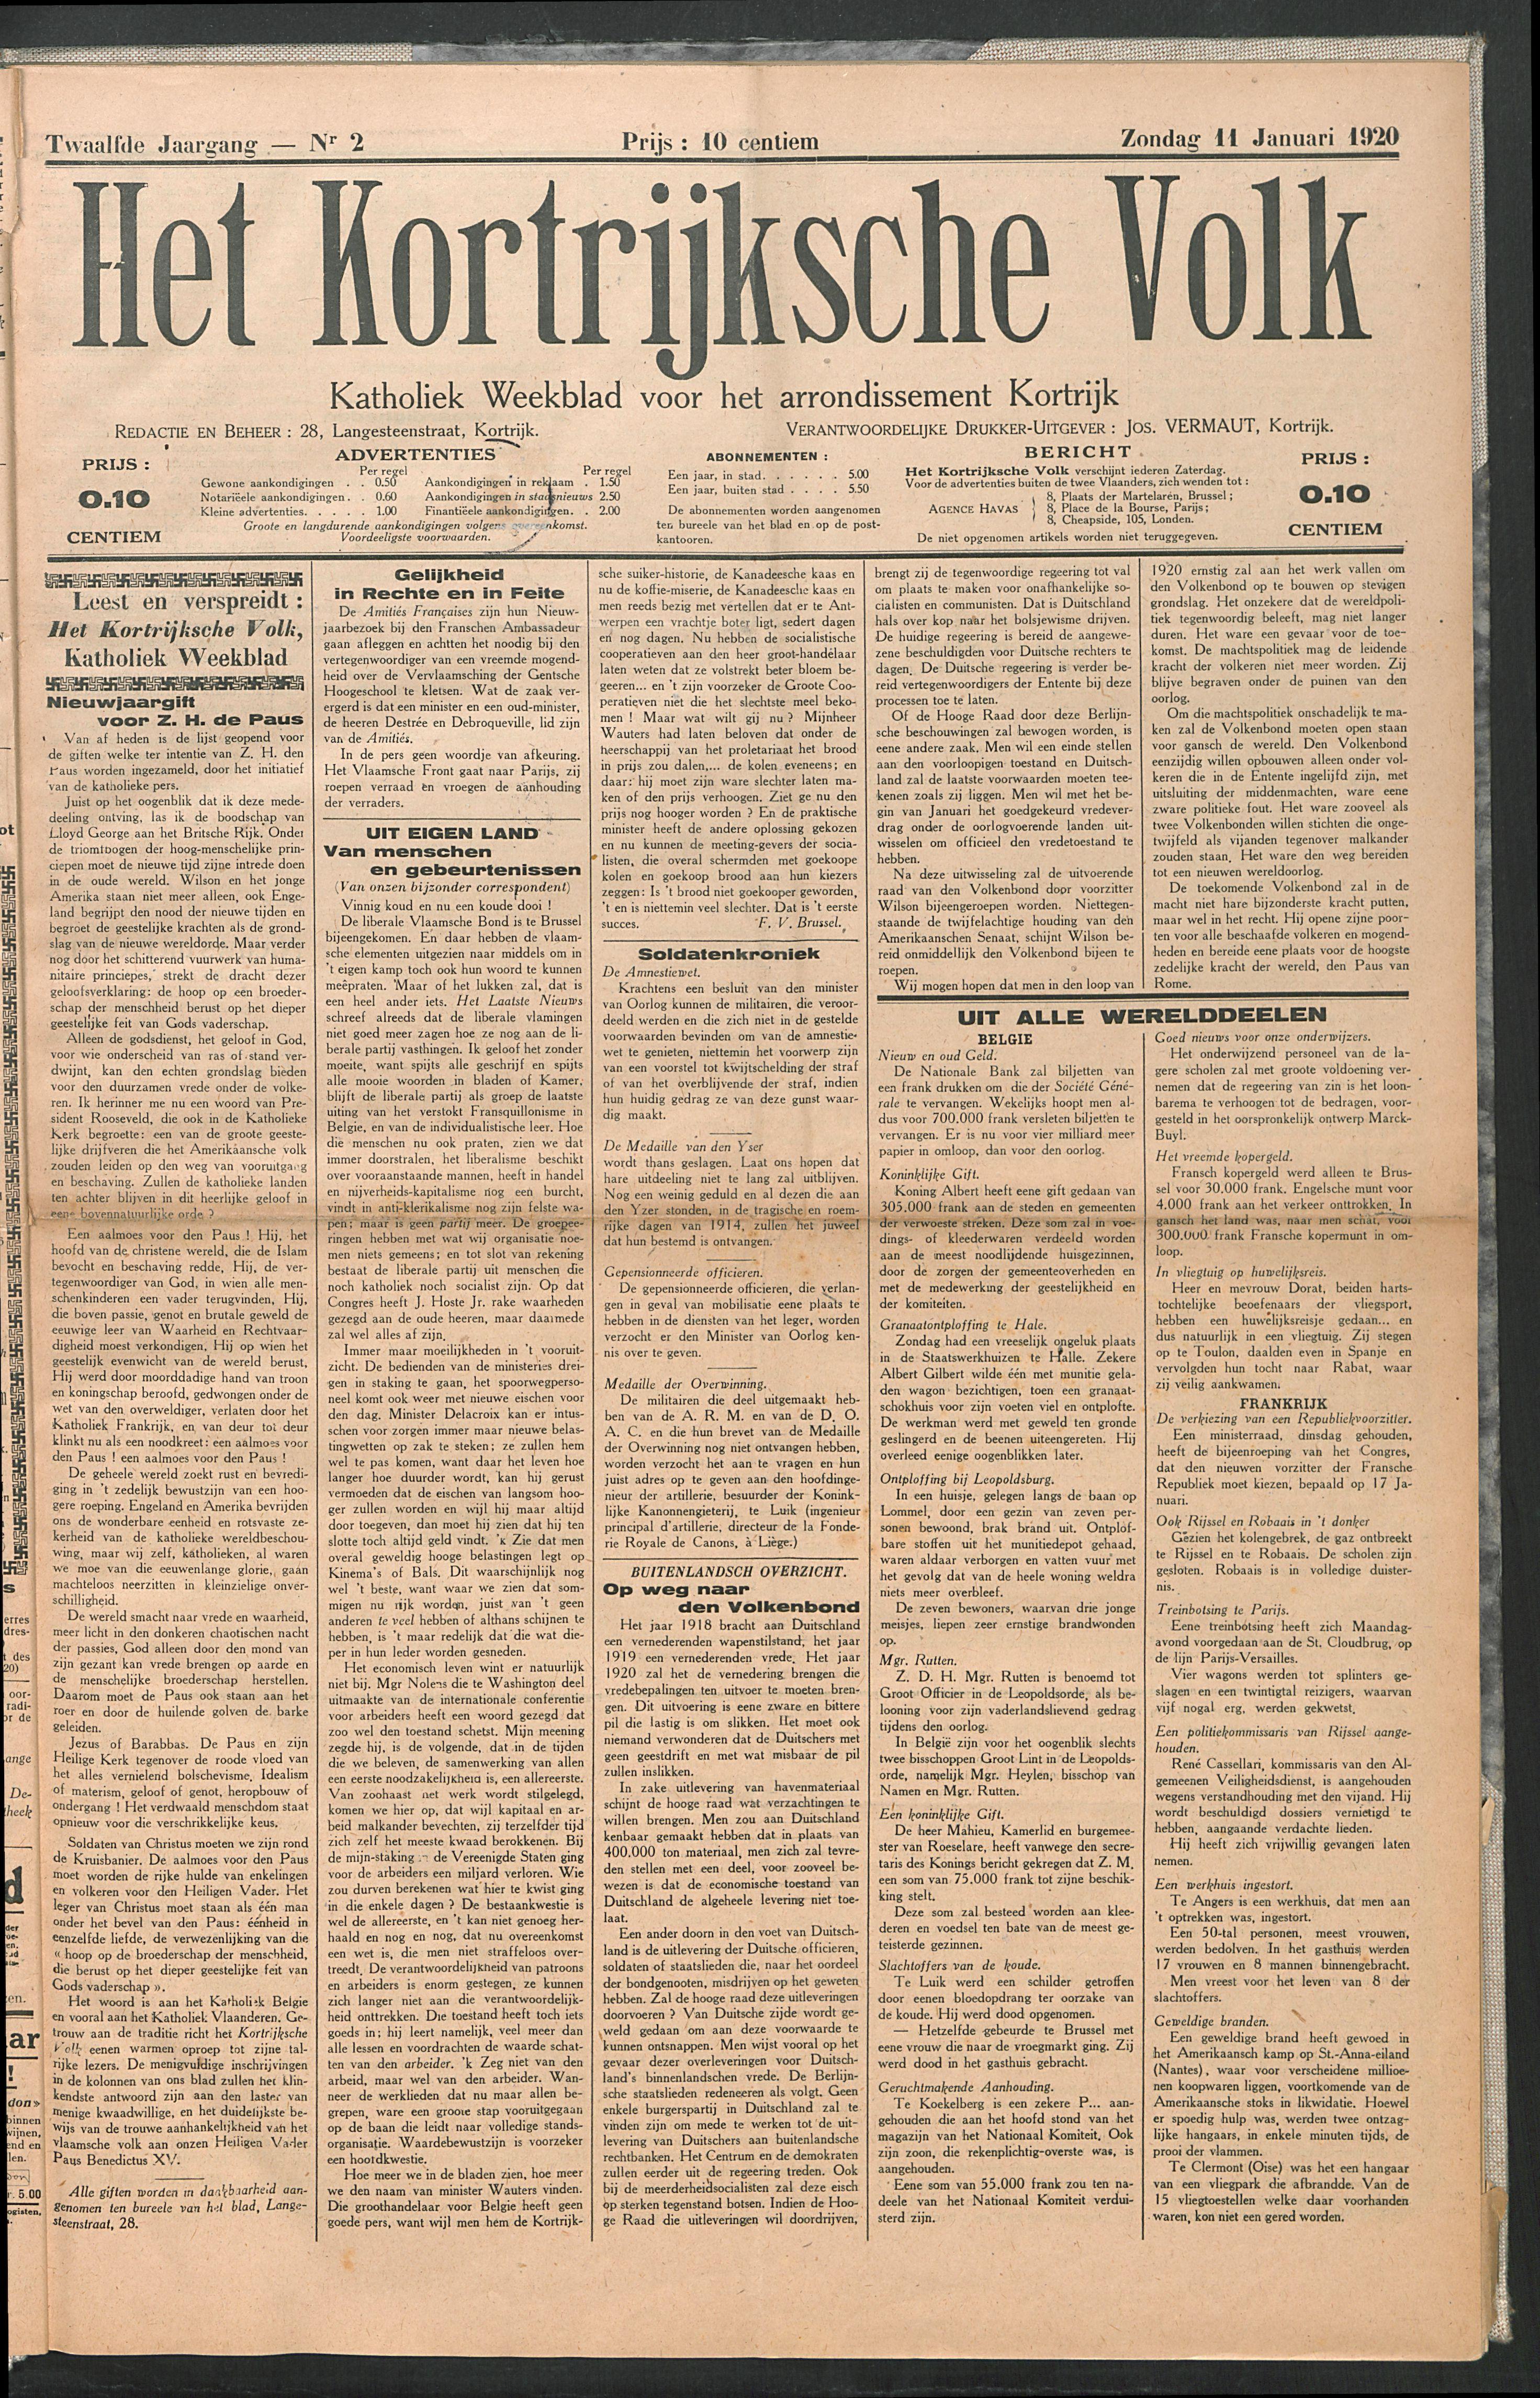 Het Kortrijksche Volk 1920-01-11 p1